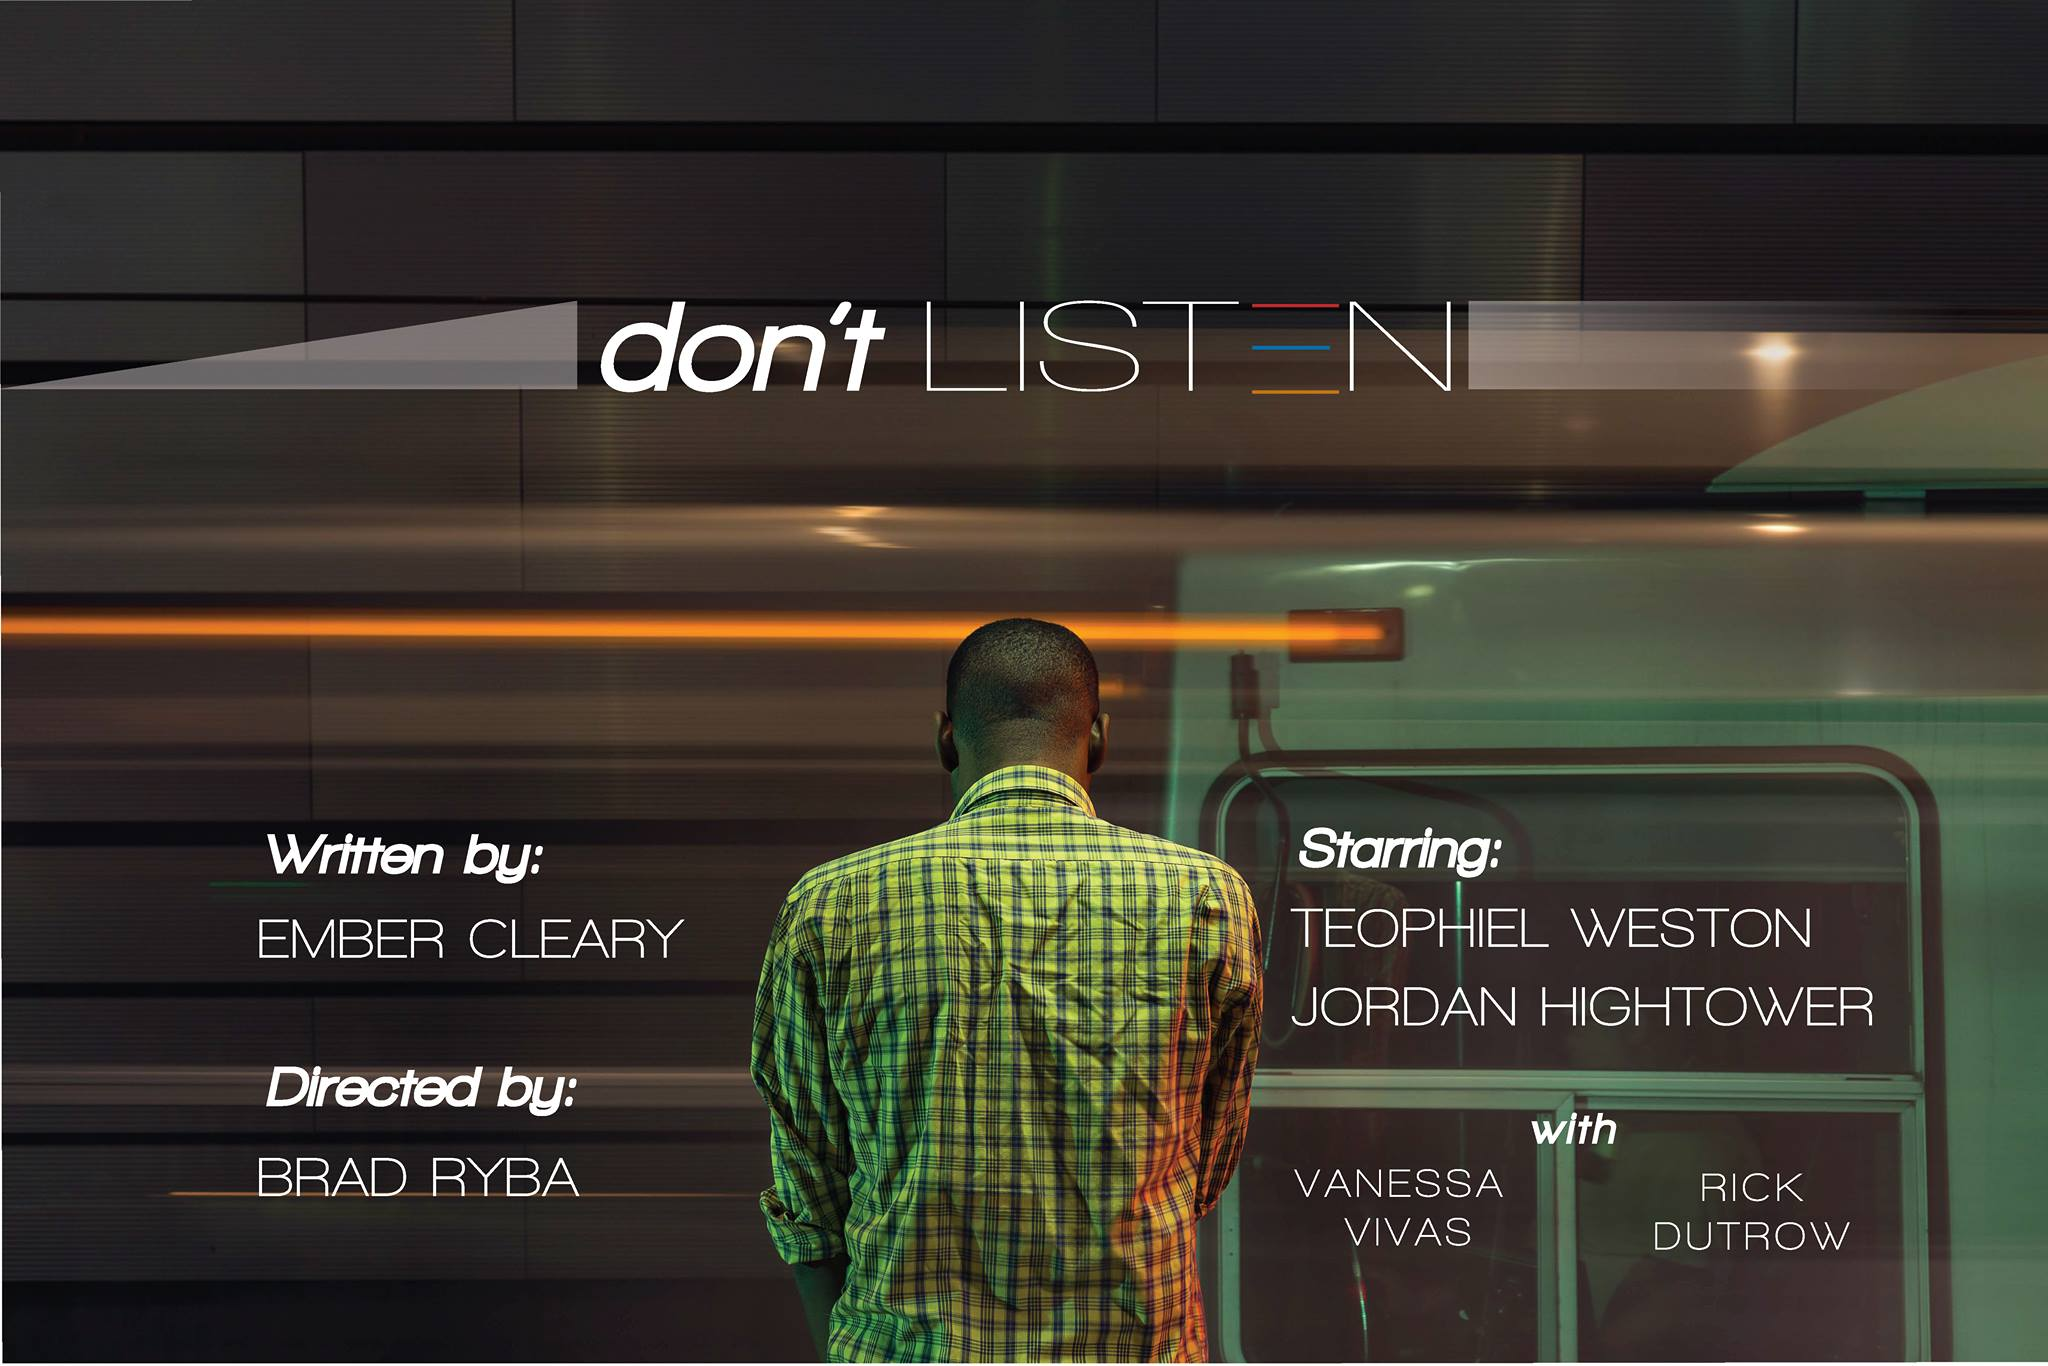 Don't Listen Poster.jpg